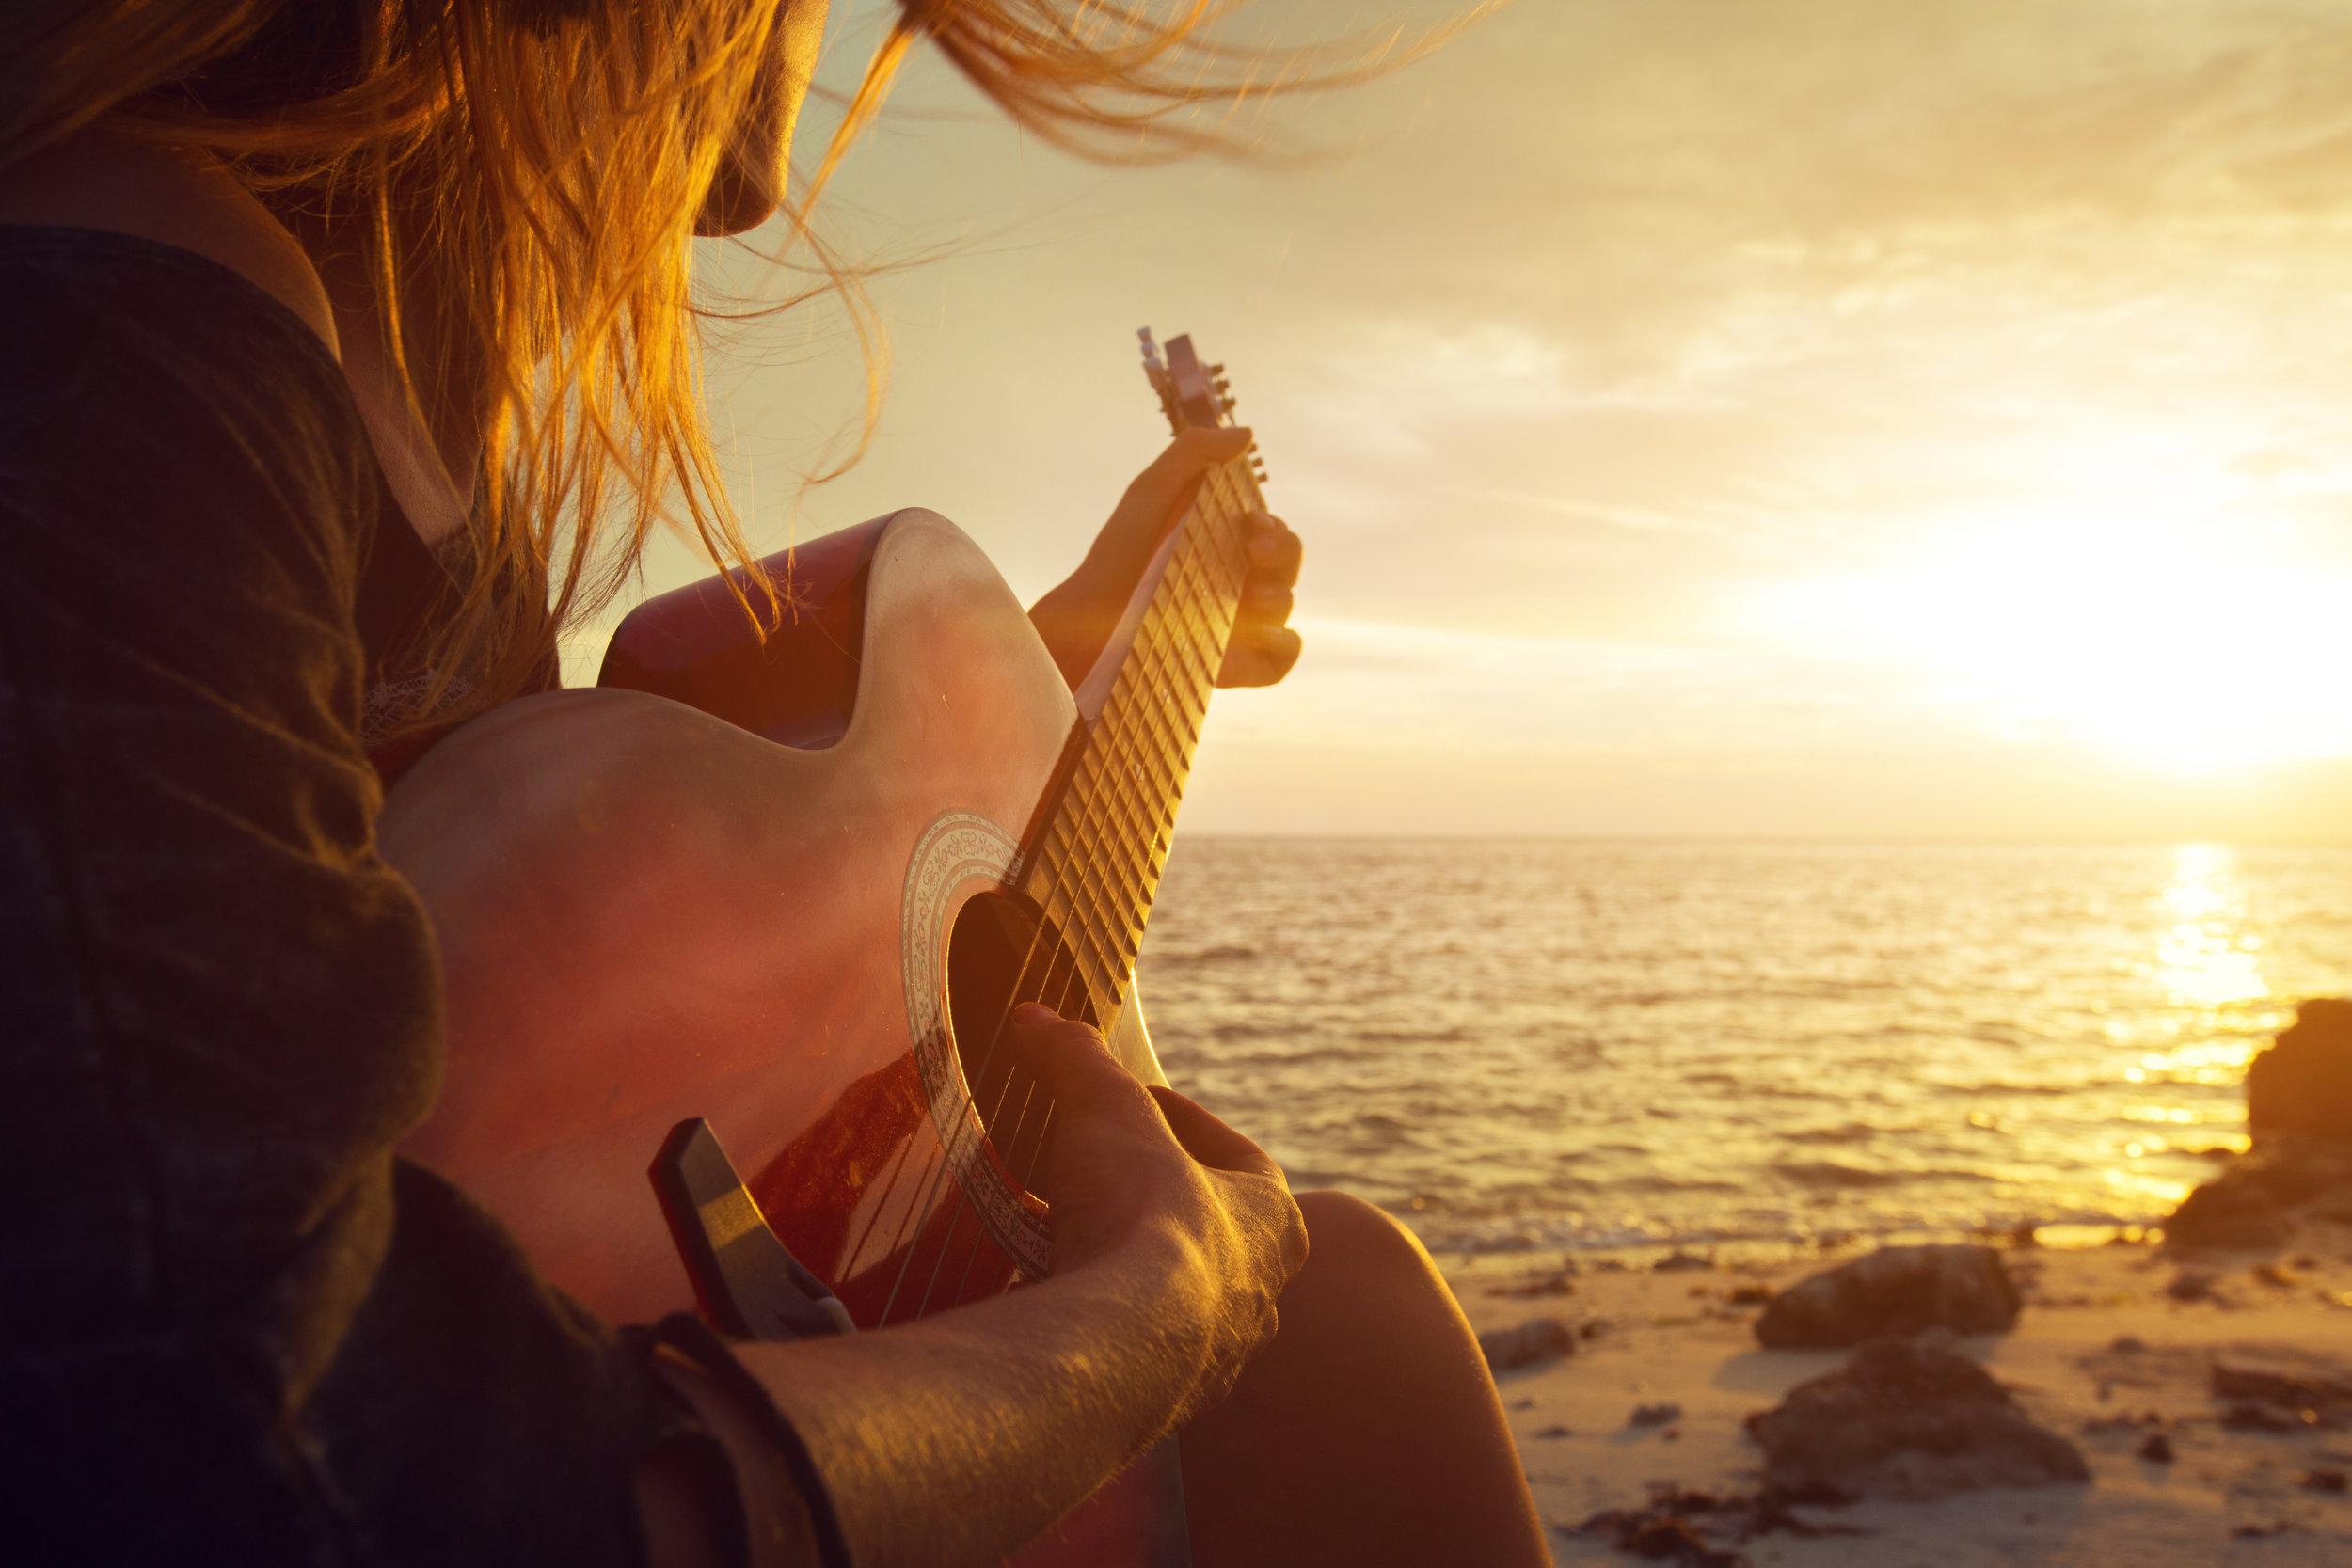 ocean_sunset_guitar.jpeg